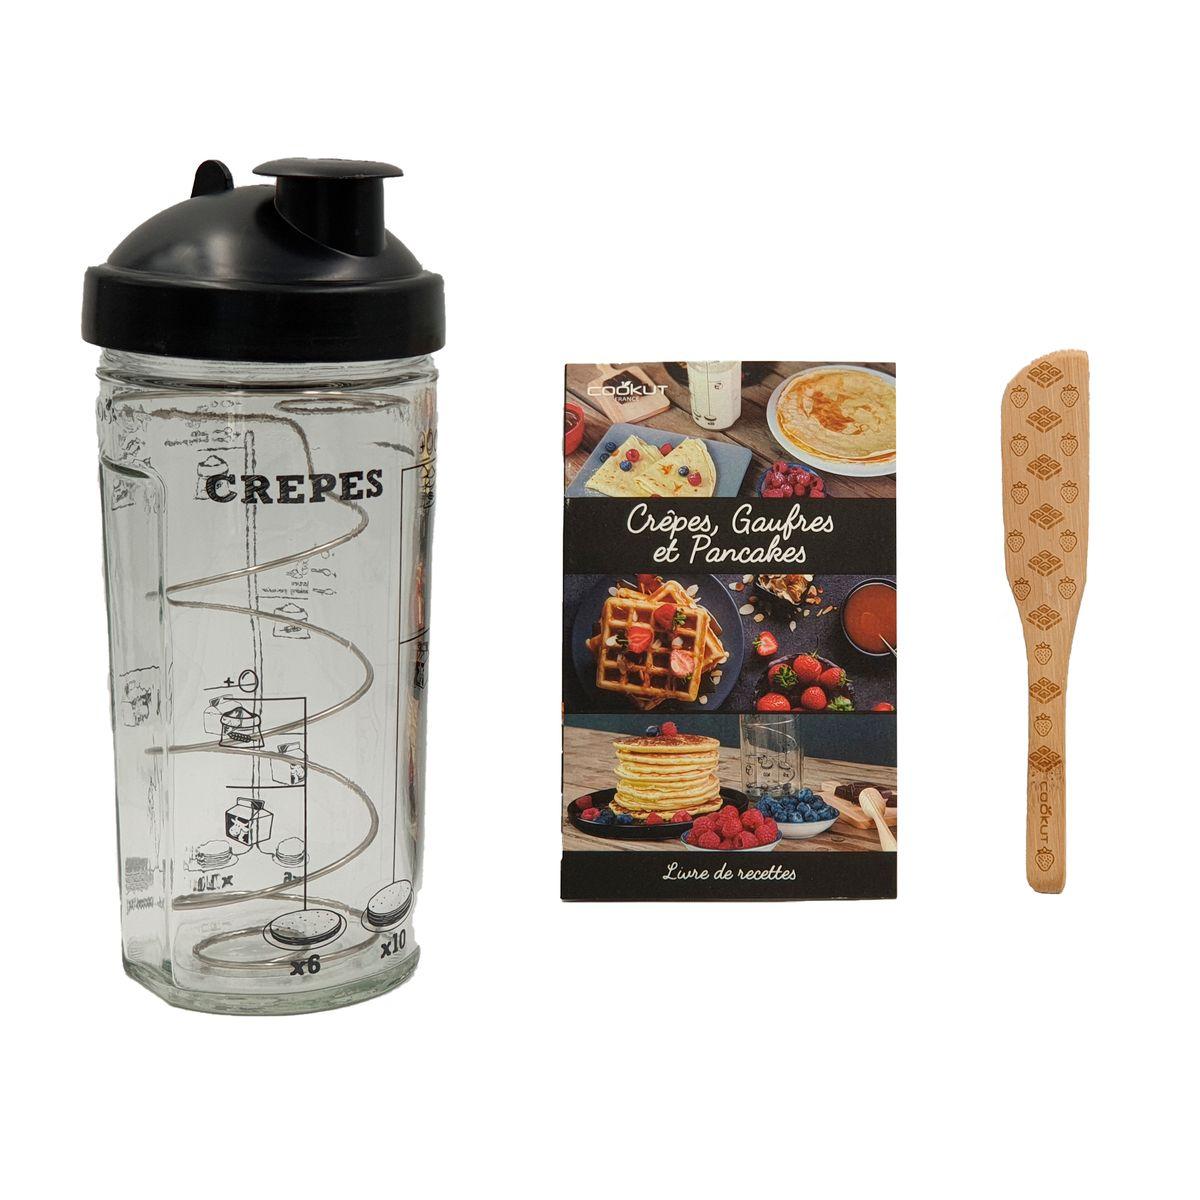 Coffret crêpes, gaufres et pancakes : shaker, tartineur et livre de recettes - Cookut